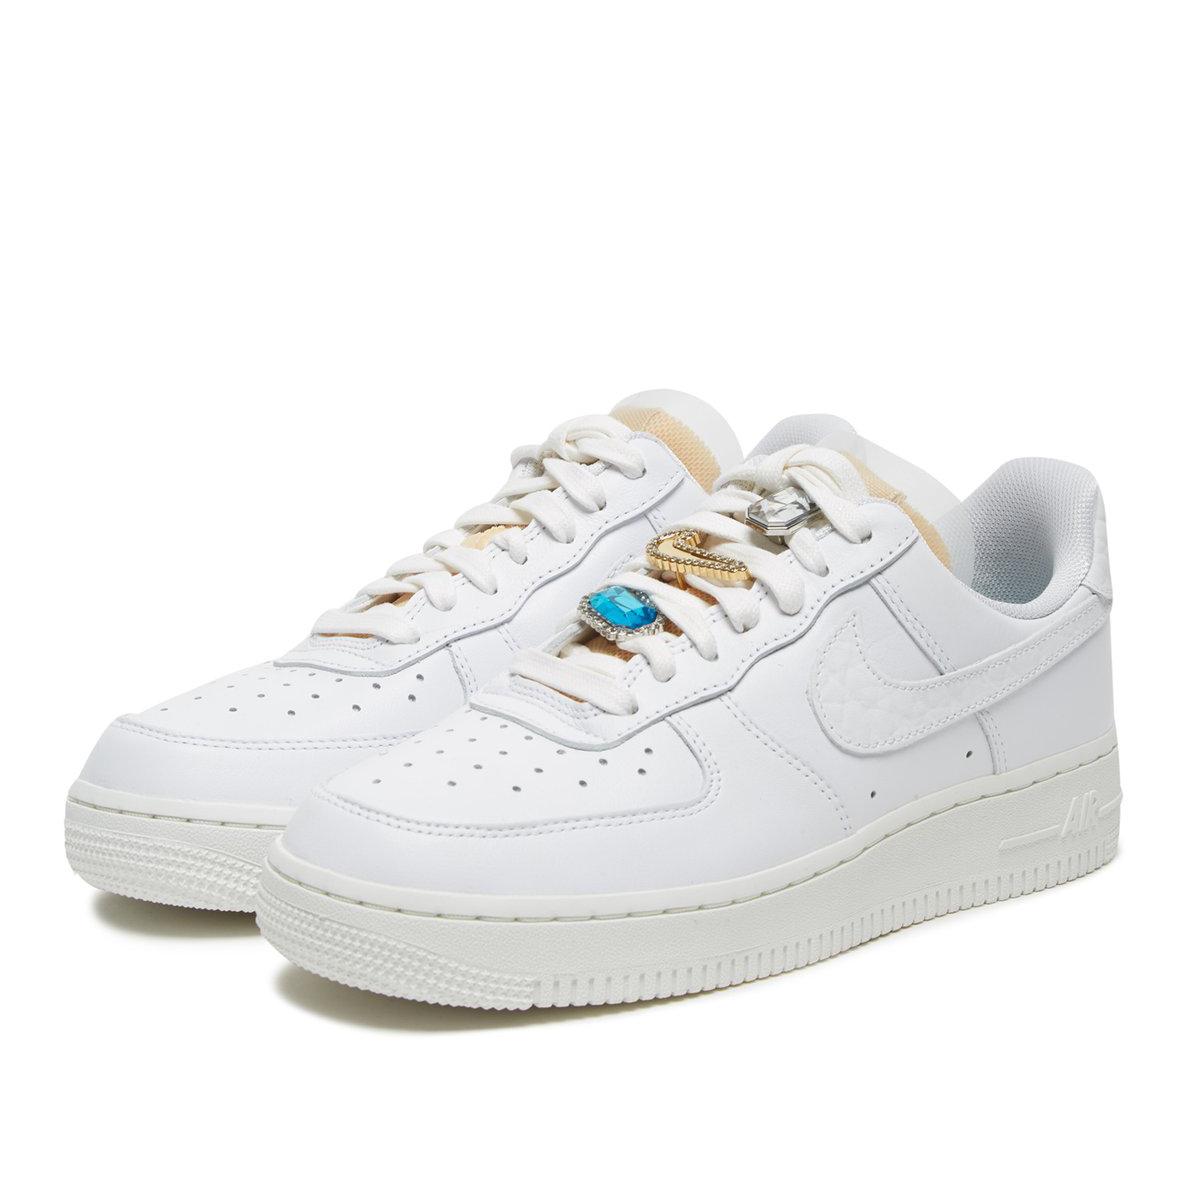 Nike Air Force 1 LX White